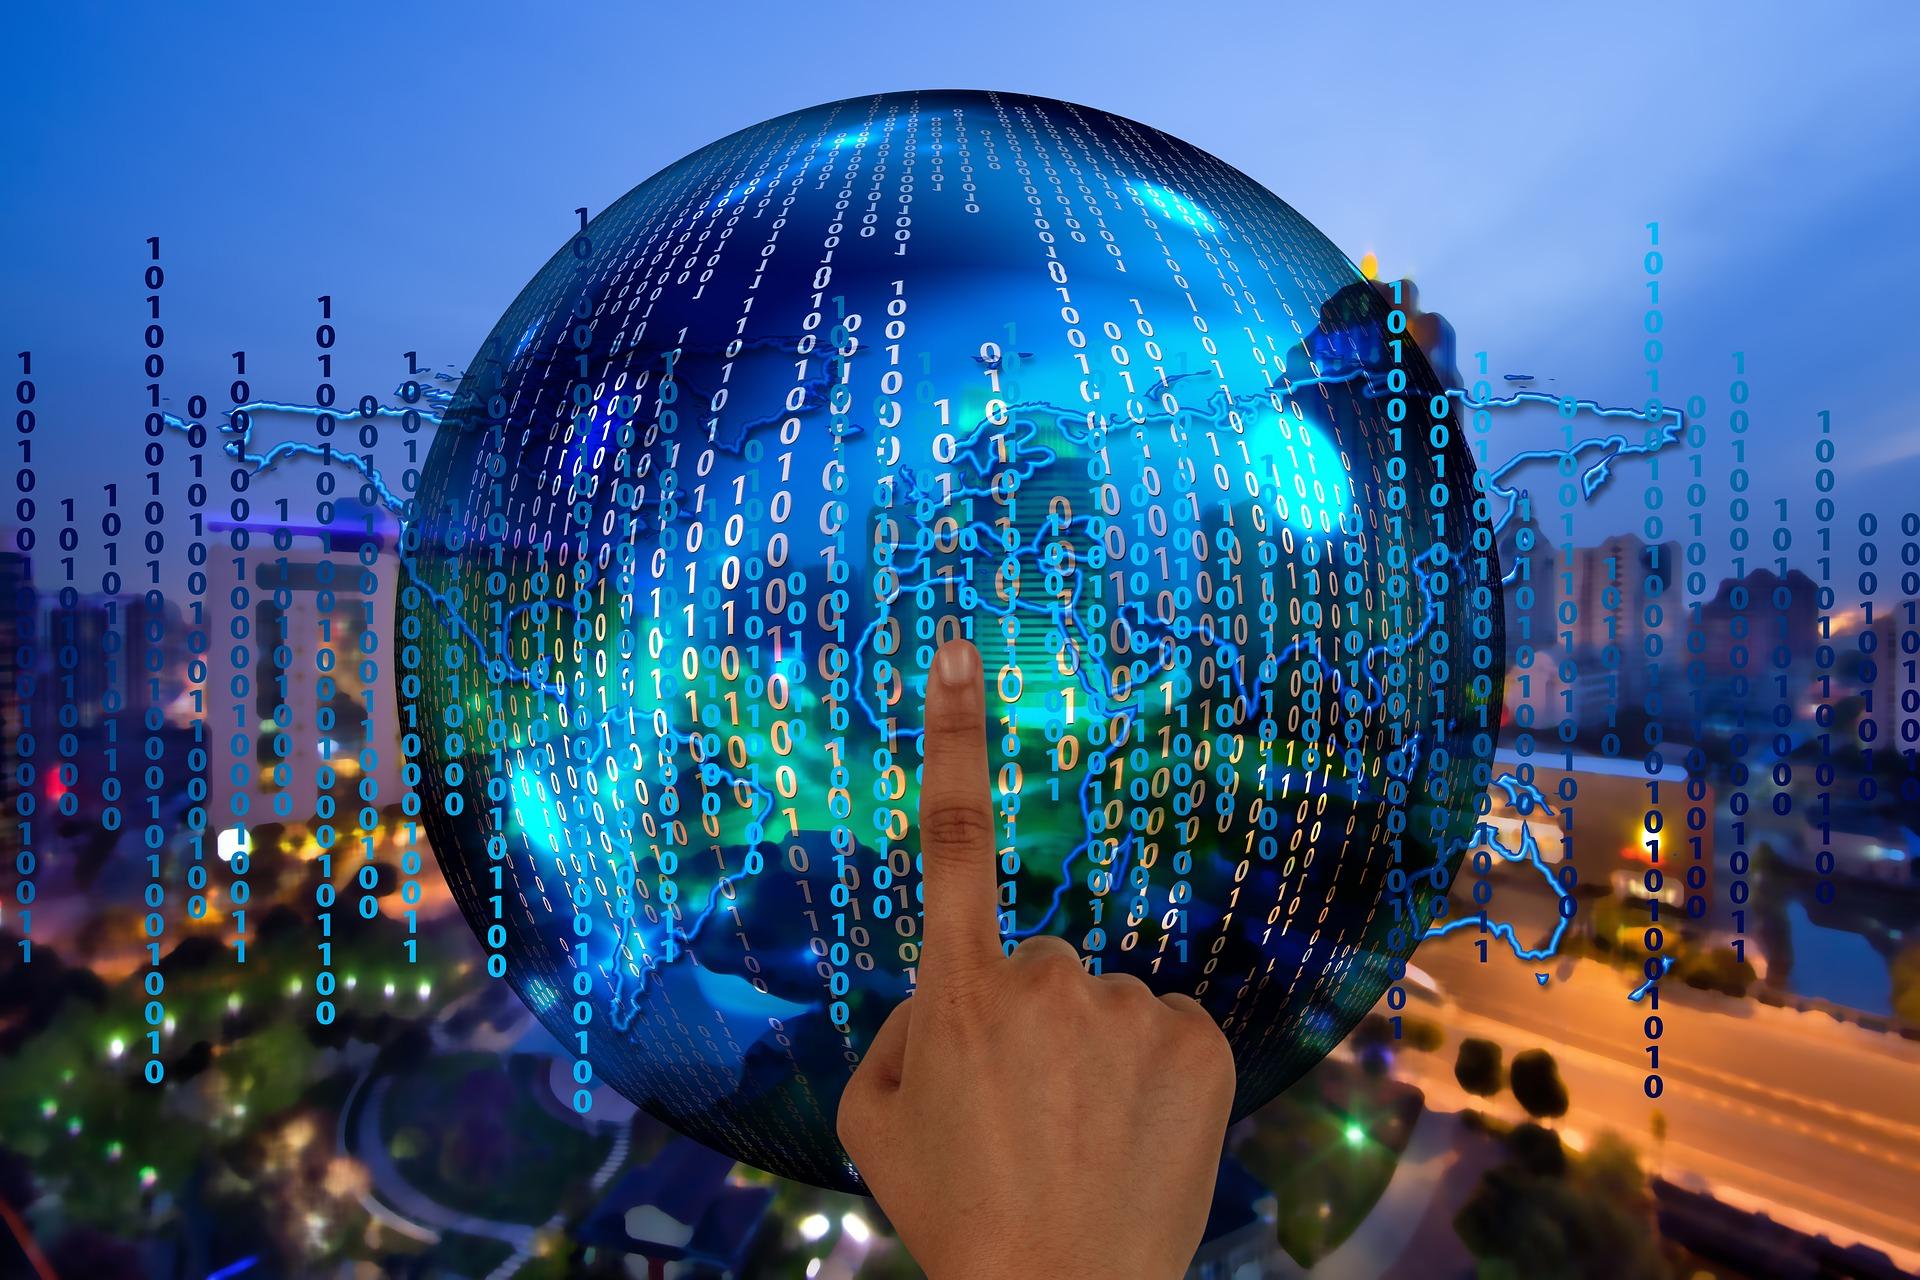 Llega la avalancha digital con DES 2018